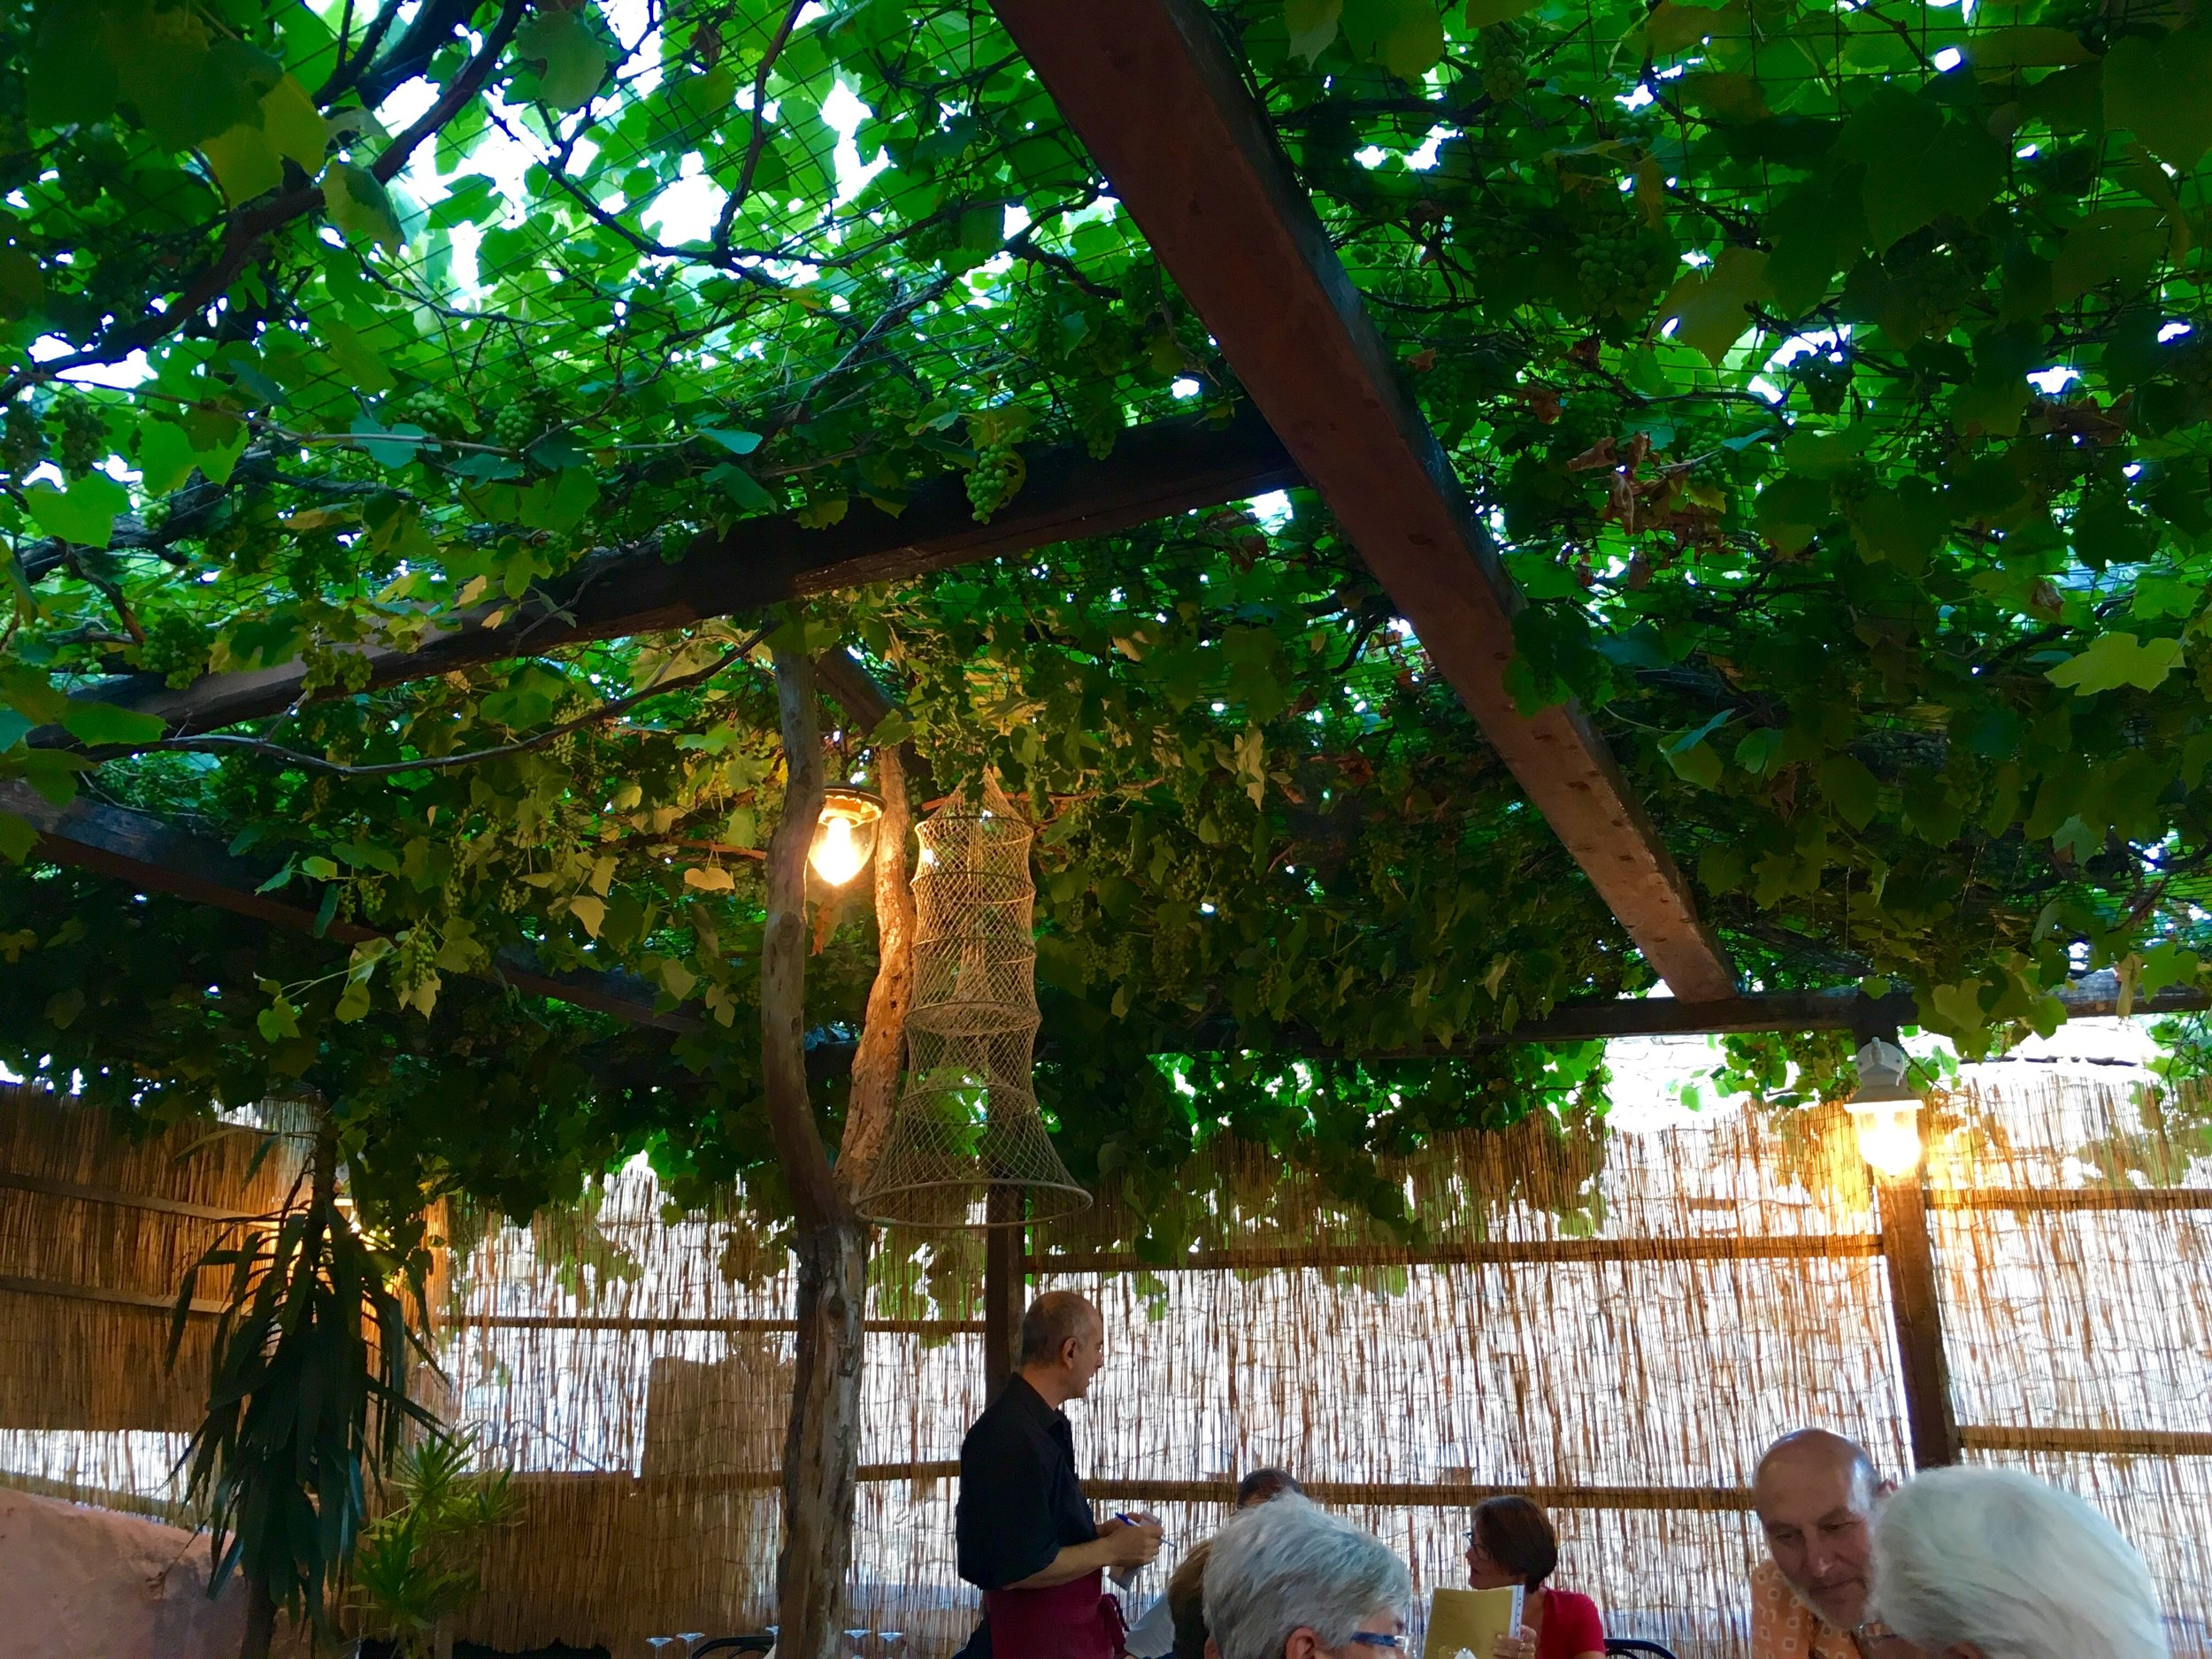 Dinner at Osteria da Zione